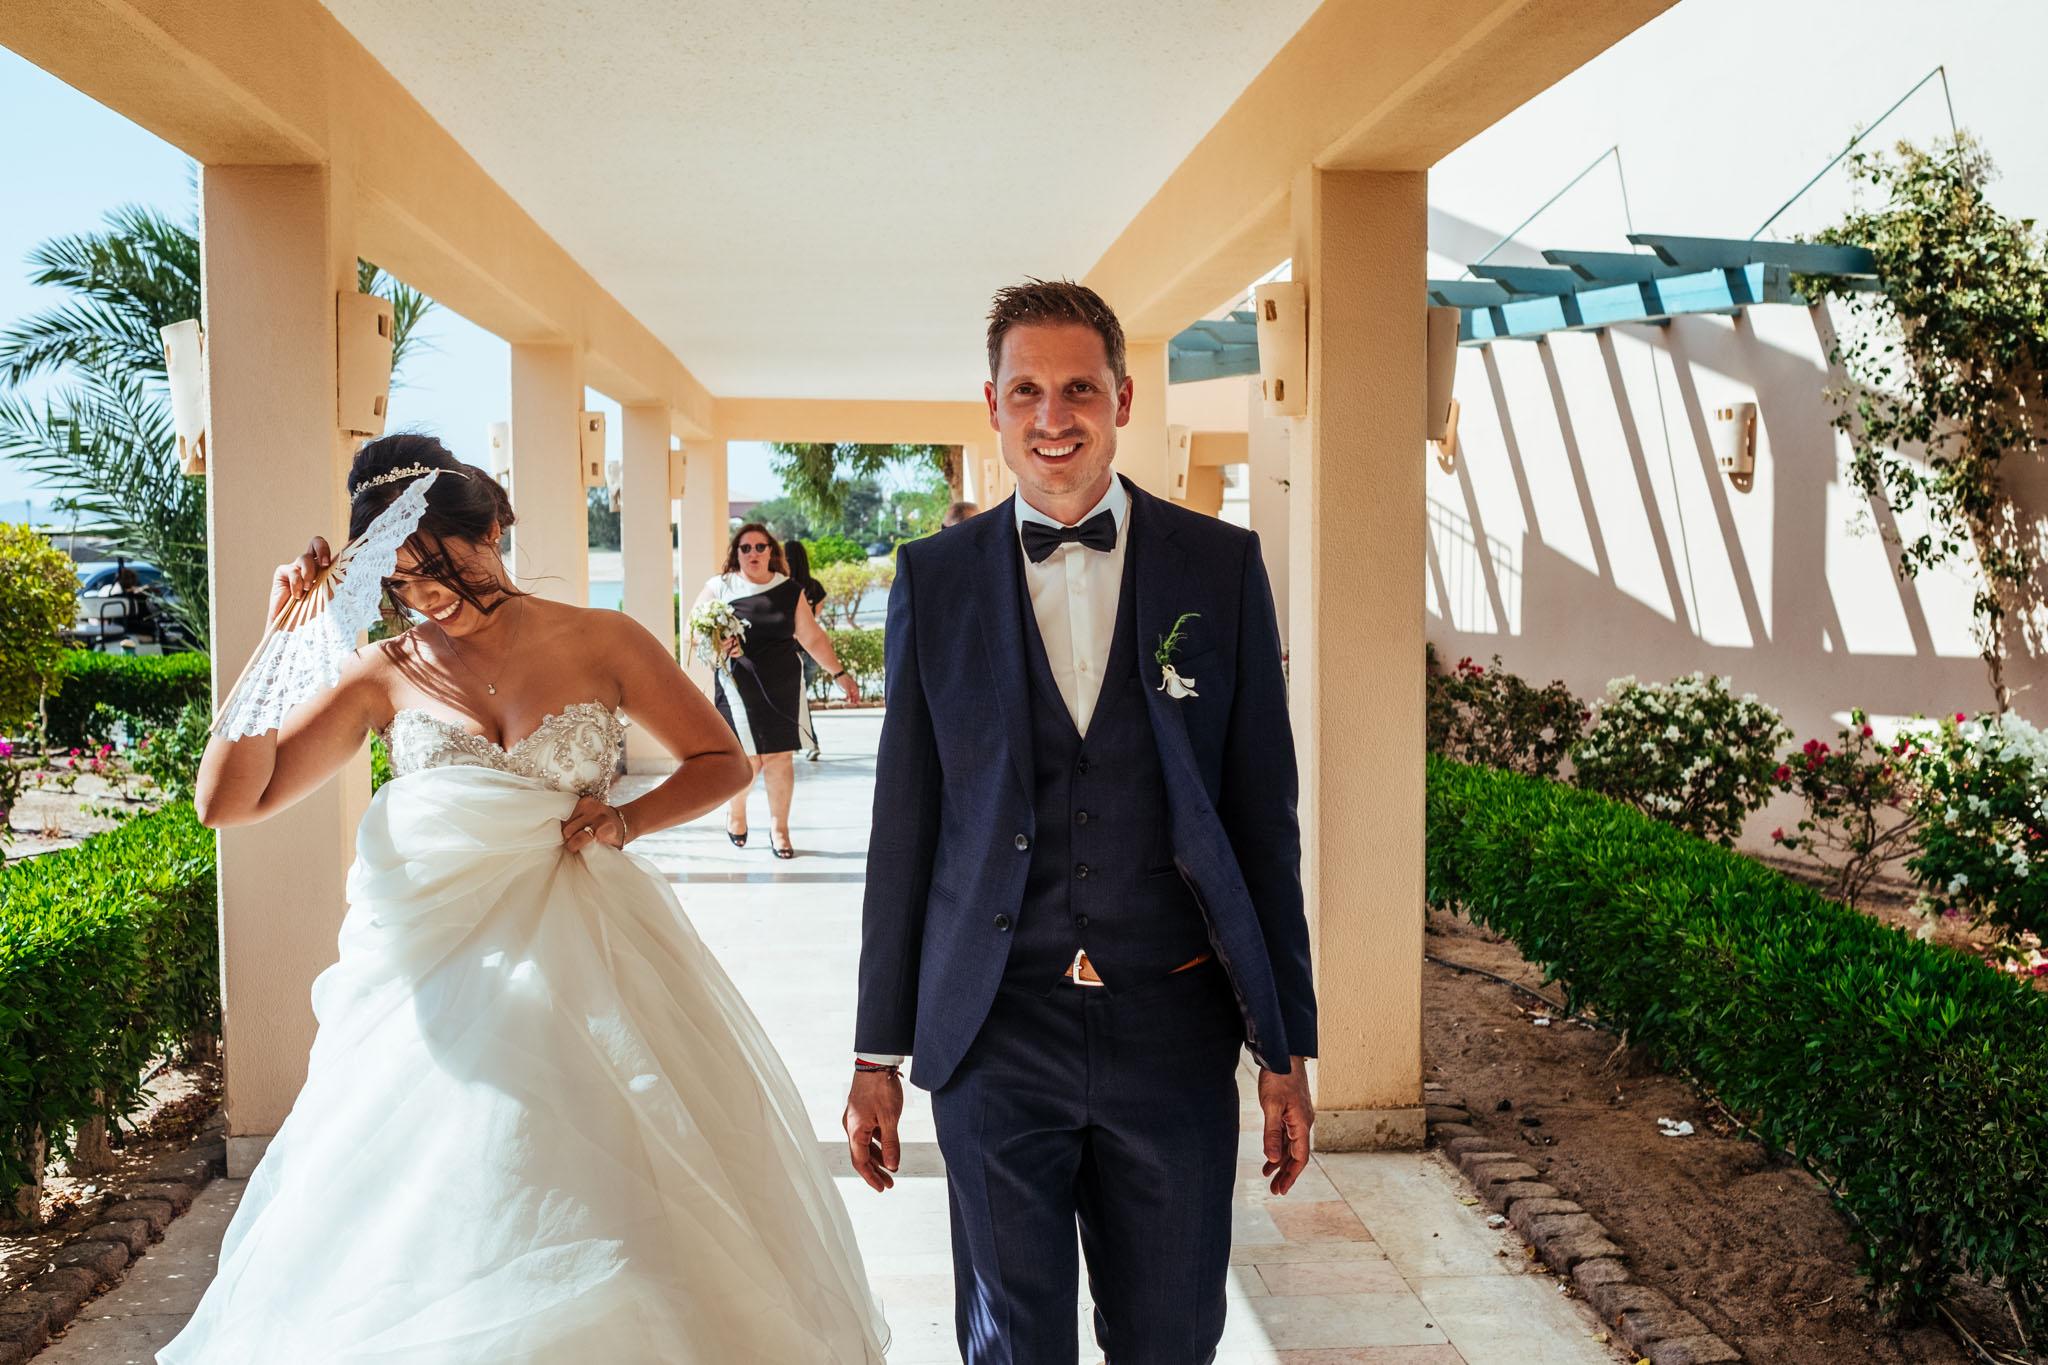 wedding-in-egitto-40.jpg